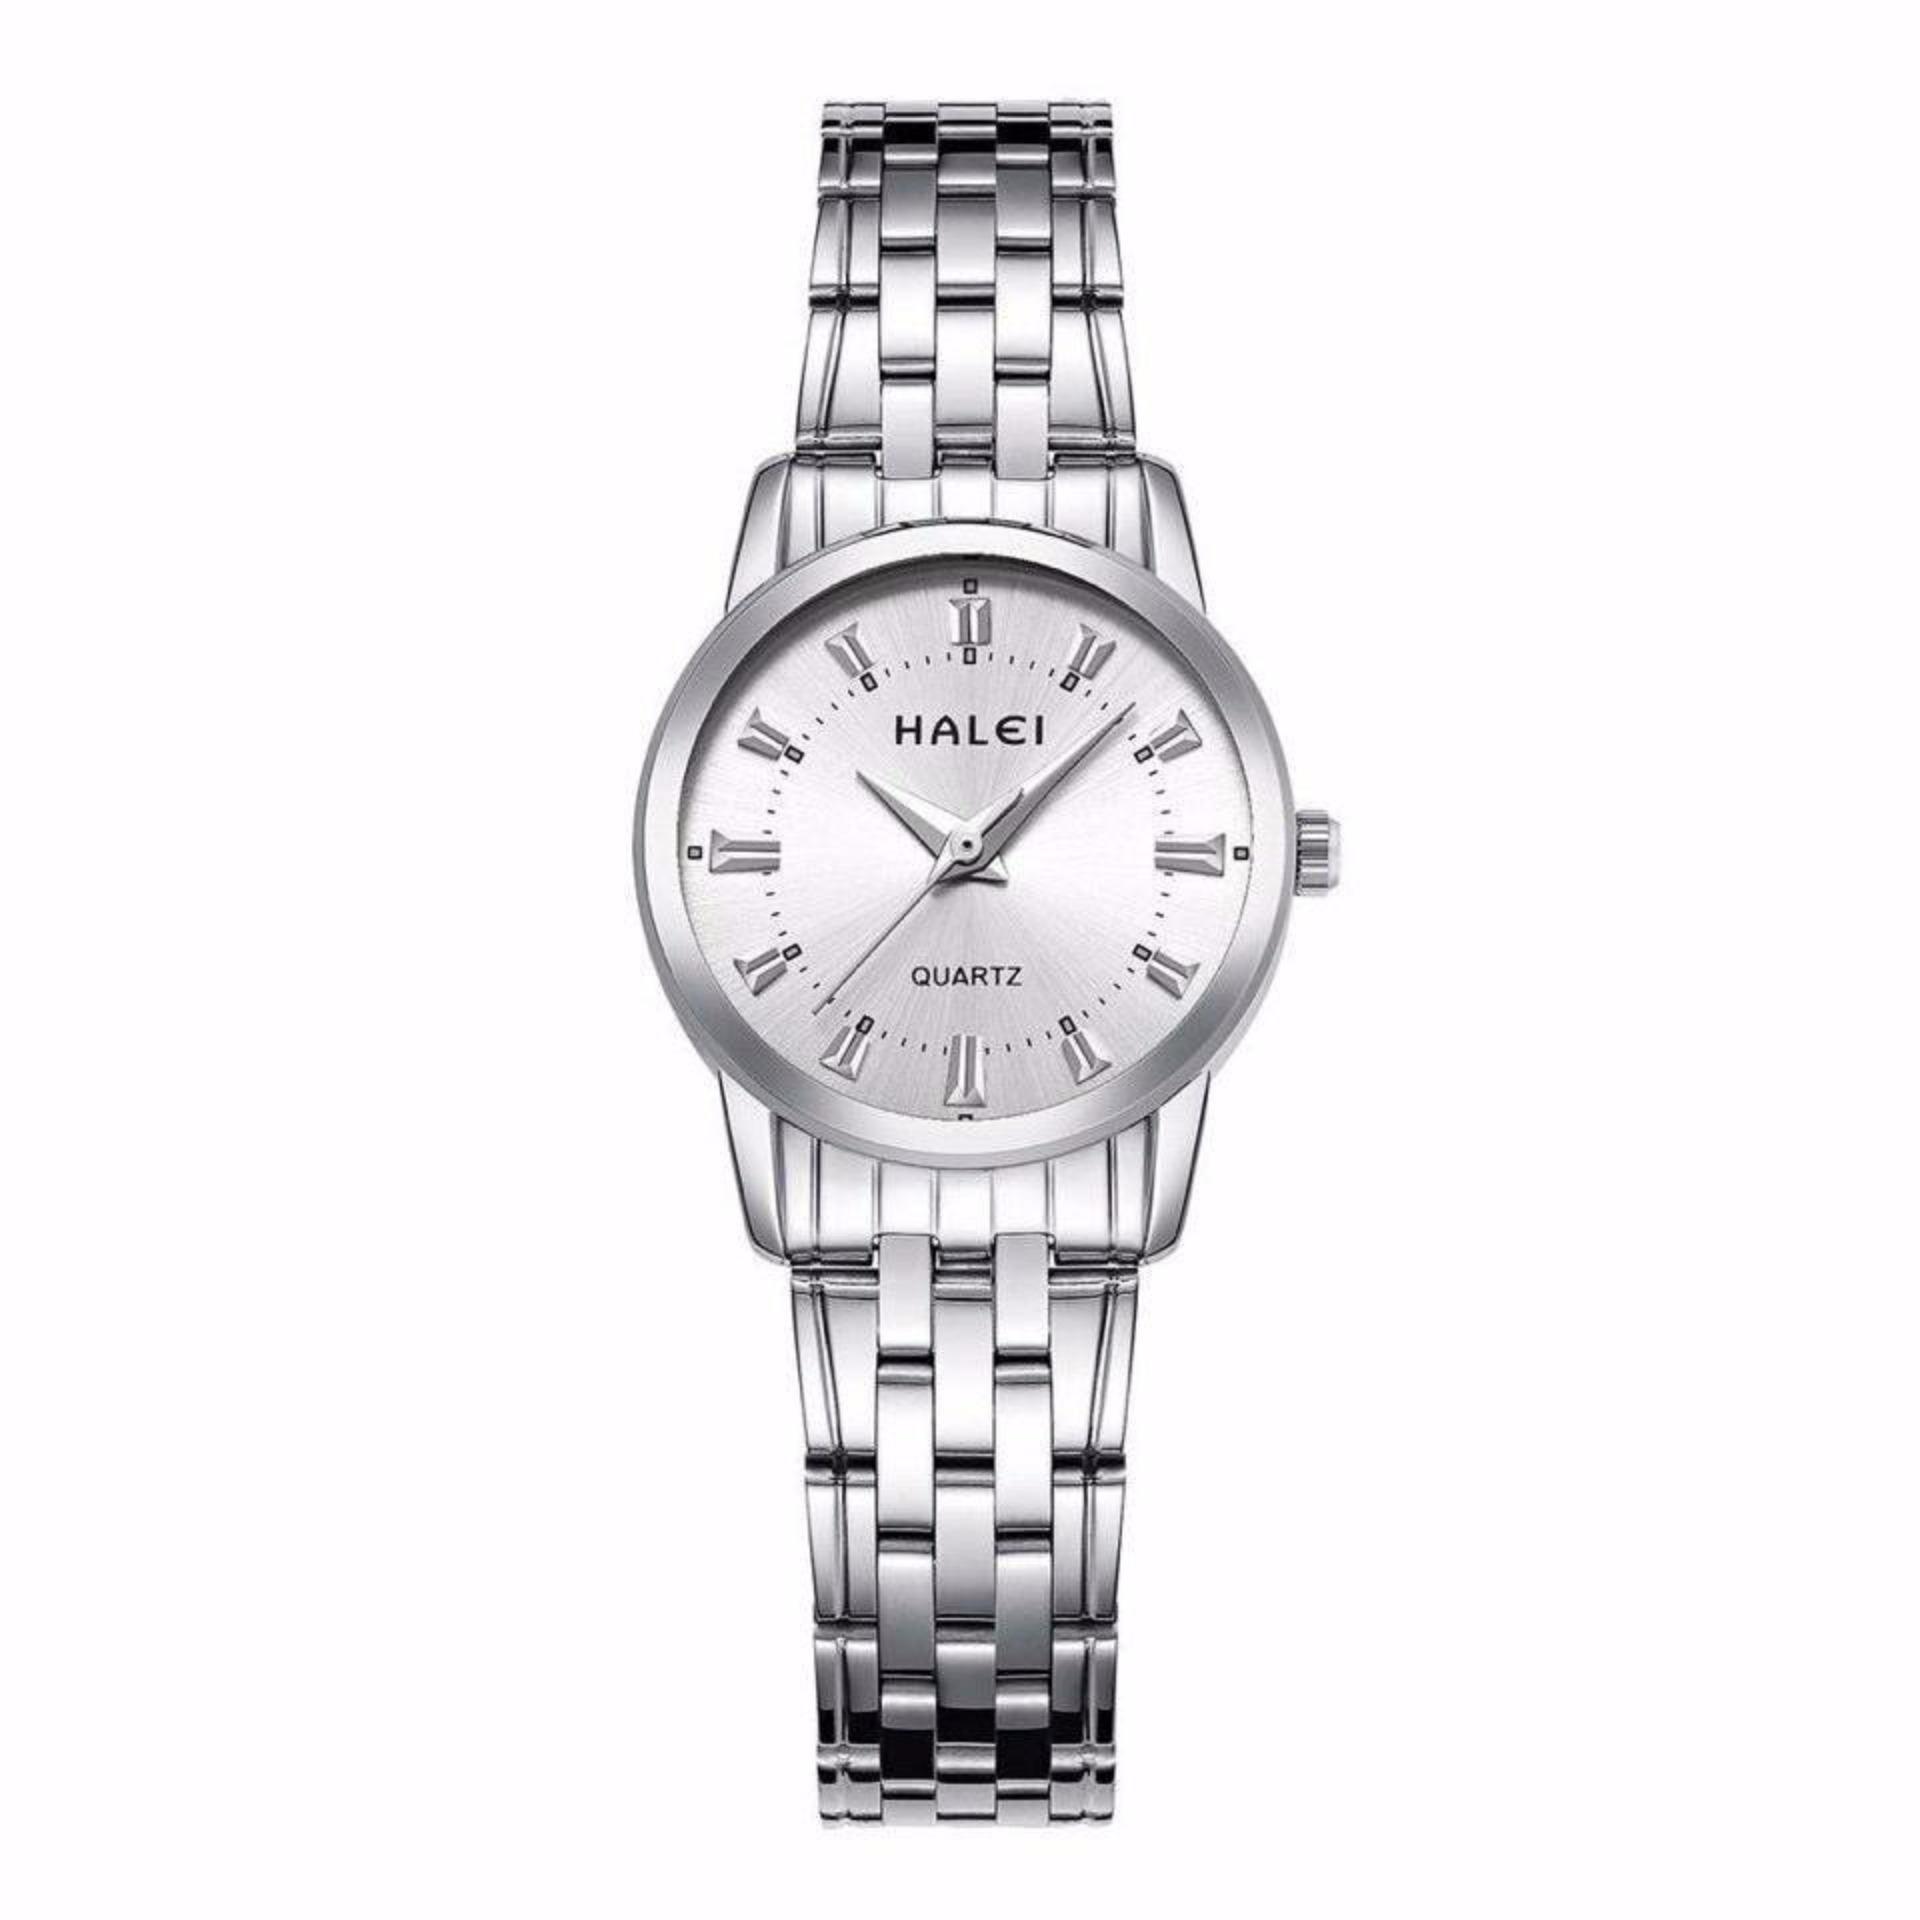 Đồng hồ nữ Halei mã 502 màu trắng cực đẹp